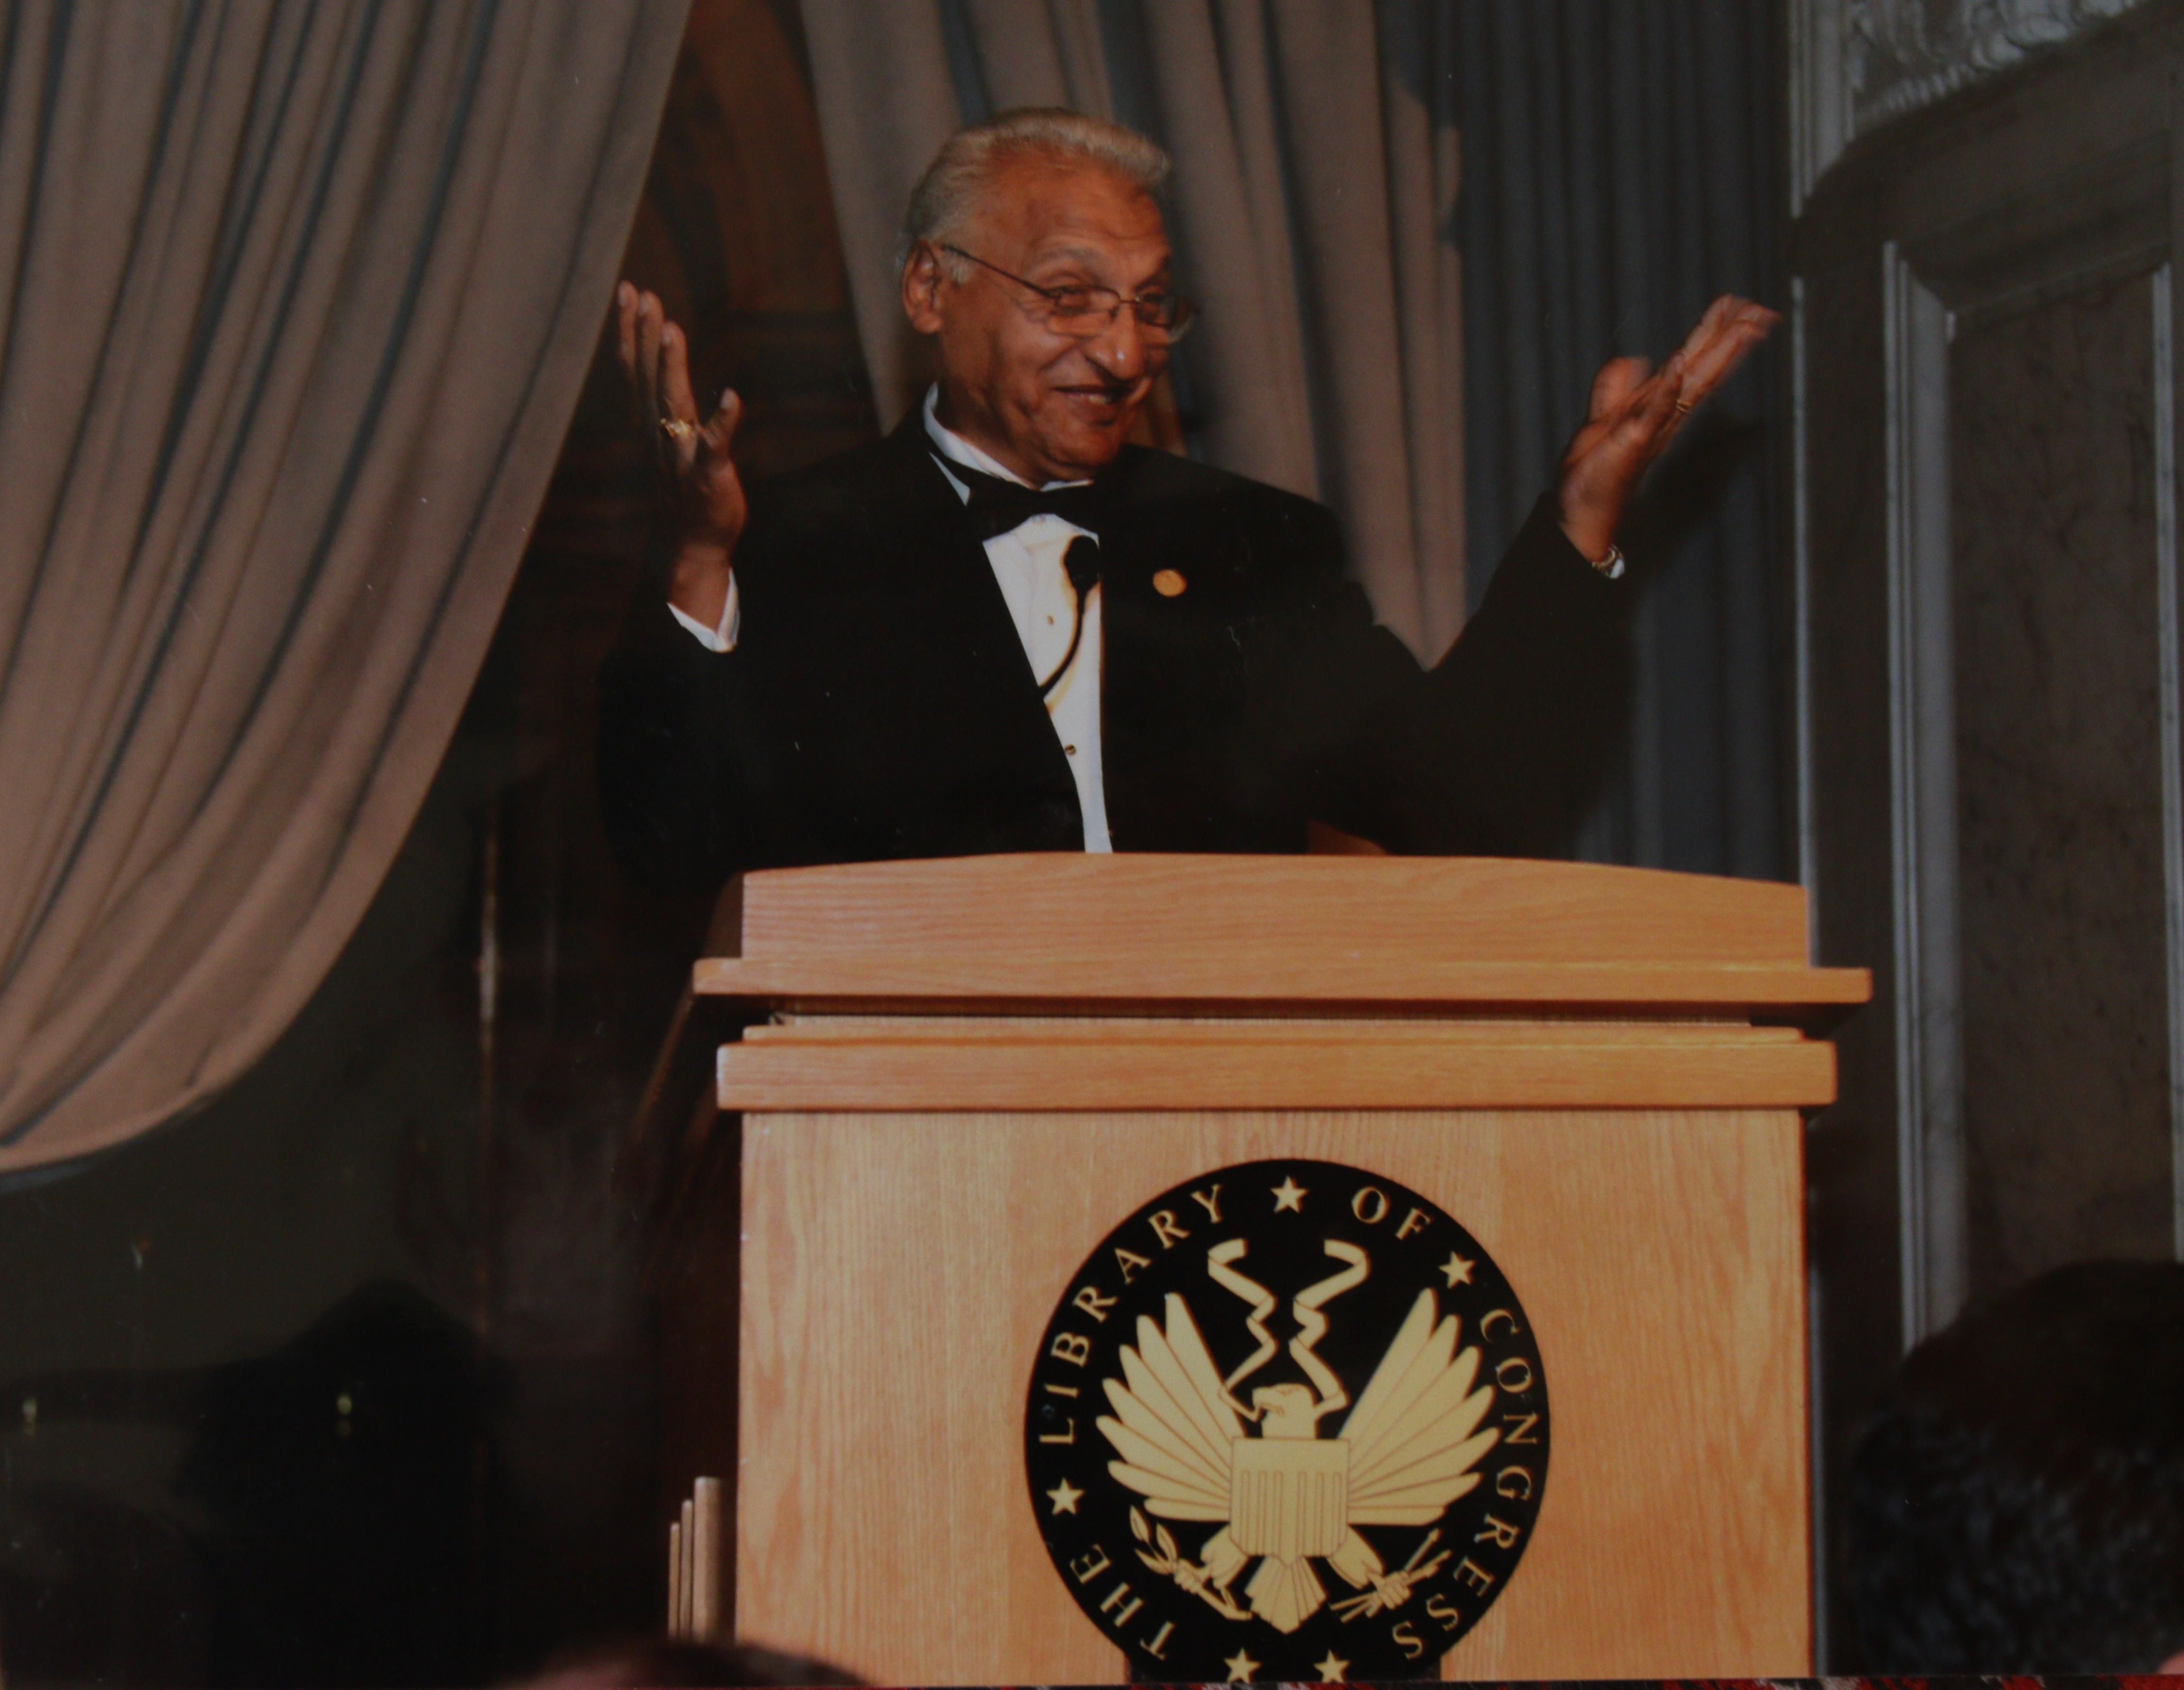 Artistul roman a sustinut un recital la Libraria Congresului, la care a participat si Joe Biden